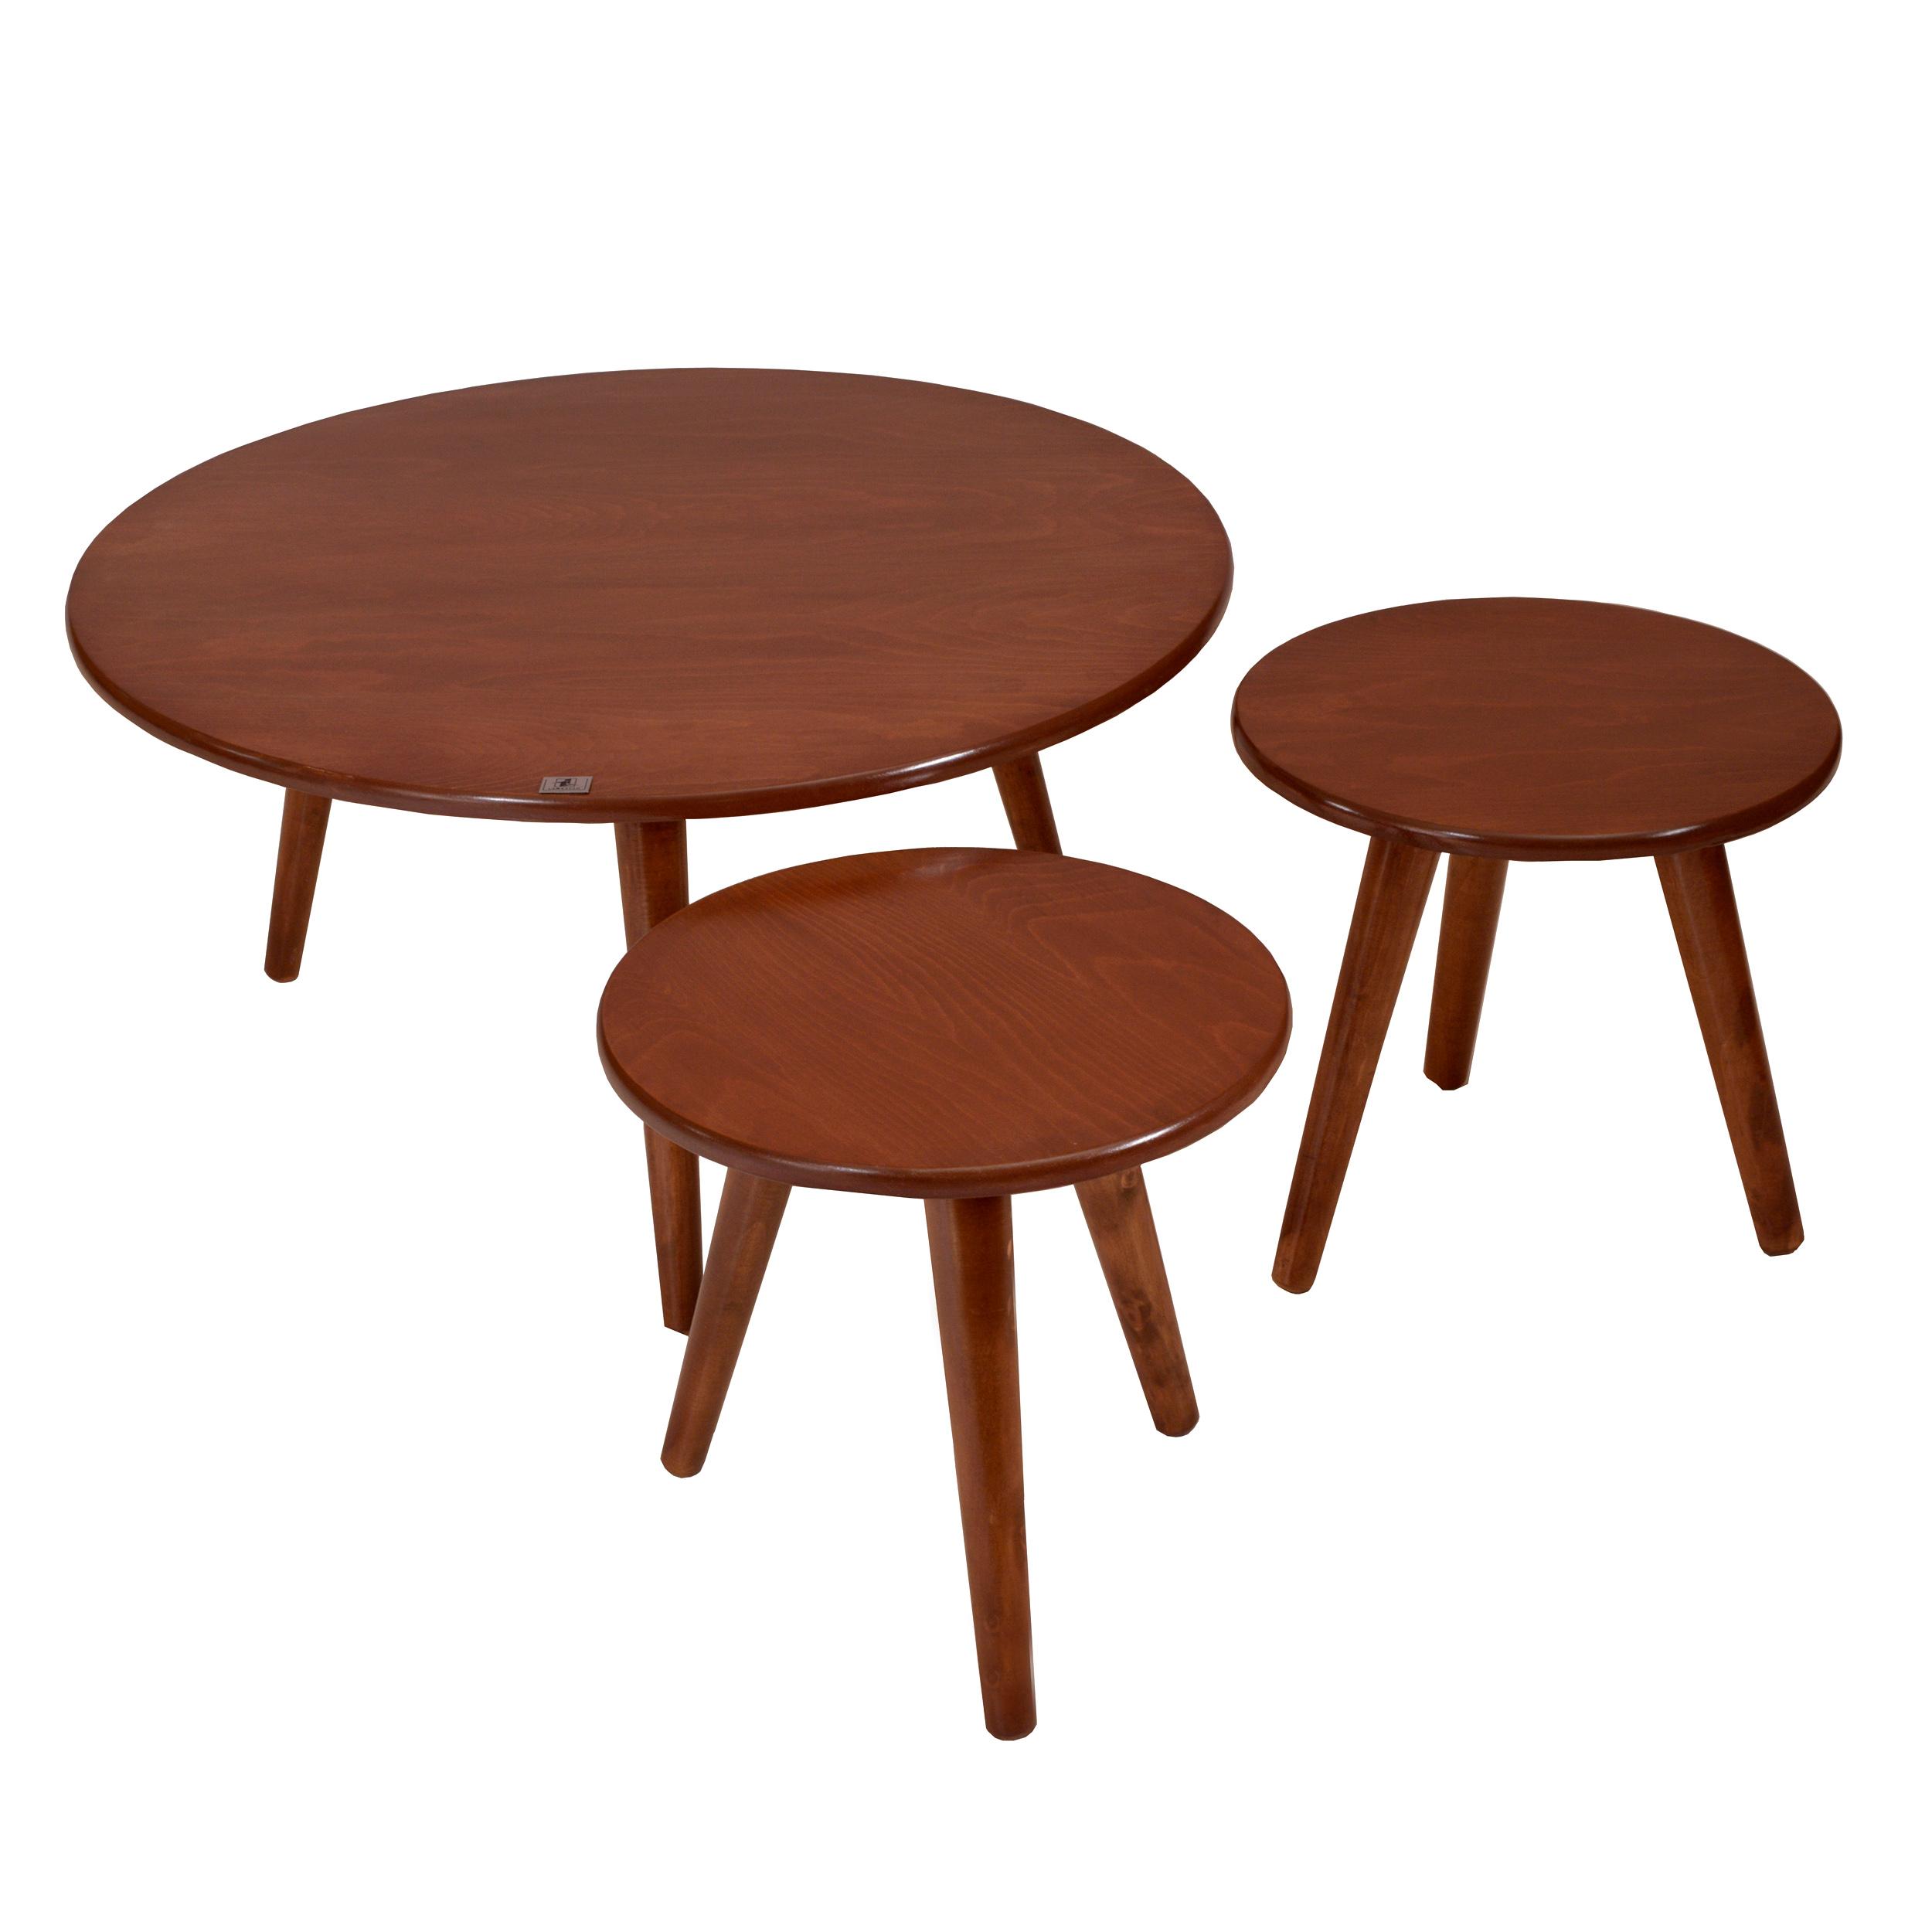 میز جلو مبلی و عسلی مدل Benetly3 مجموعه 3 عددی